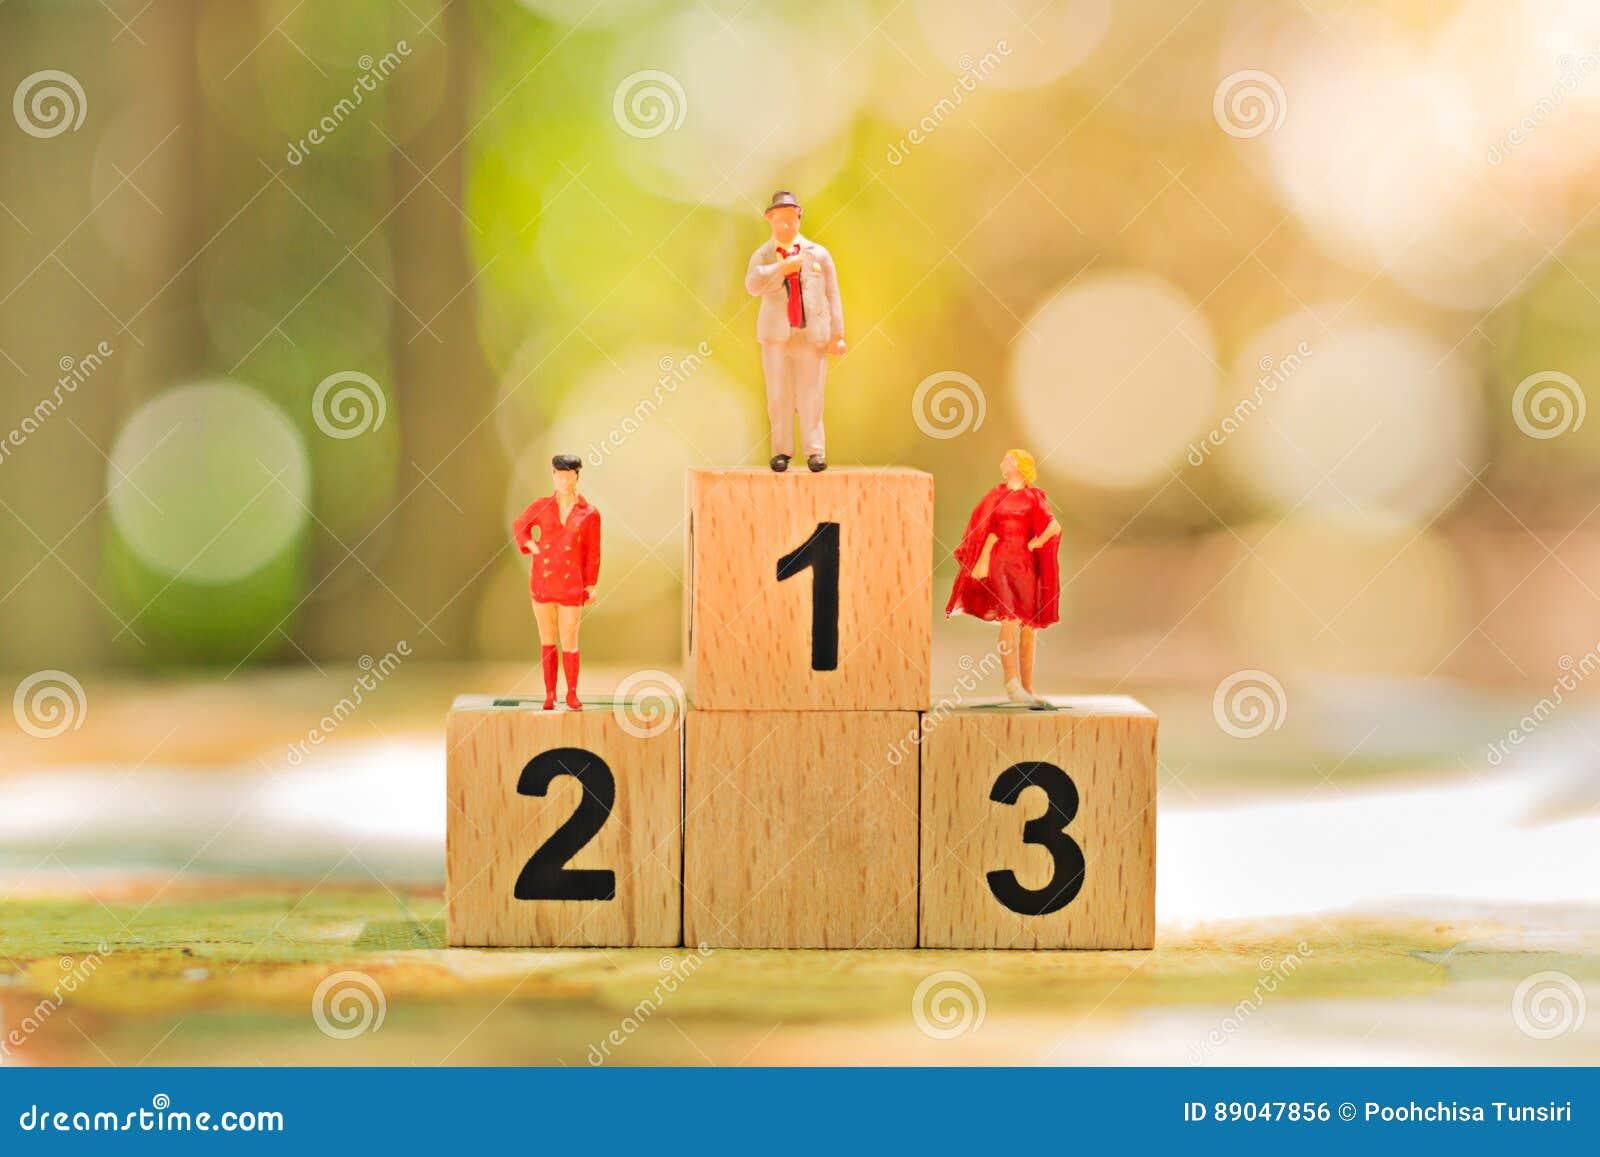 Povos diminutos: Figuras pequenas do trabalhador com posição de madeira do pódio Conceito da competição da equipe do negócio